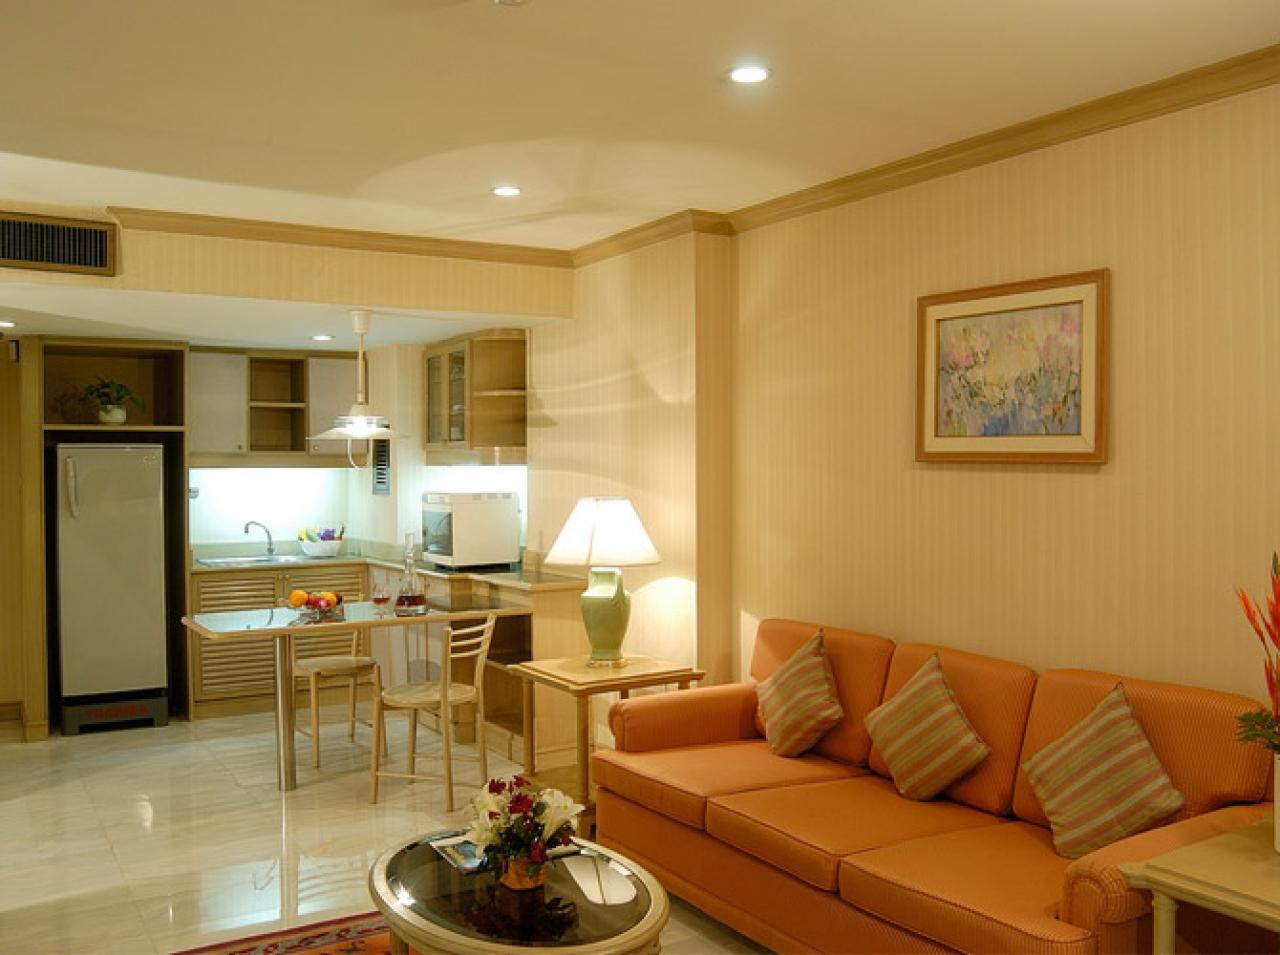 Интерьер и дизайн маленькой квартиры